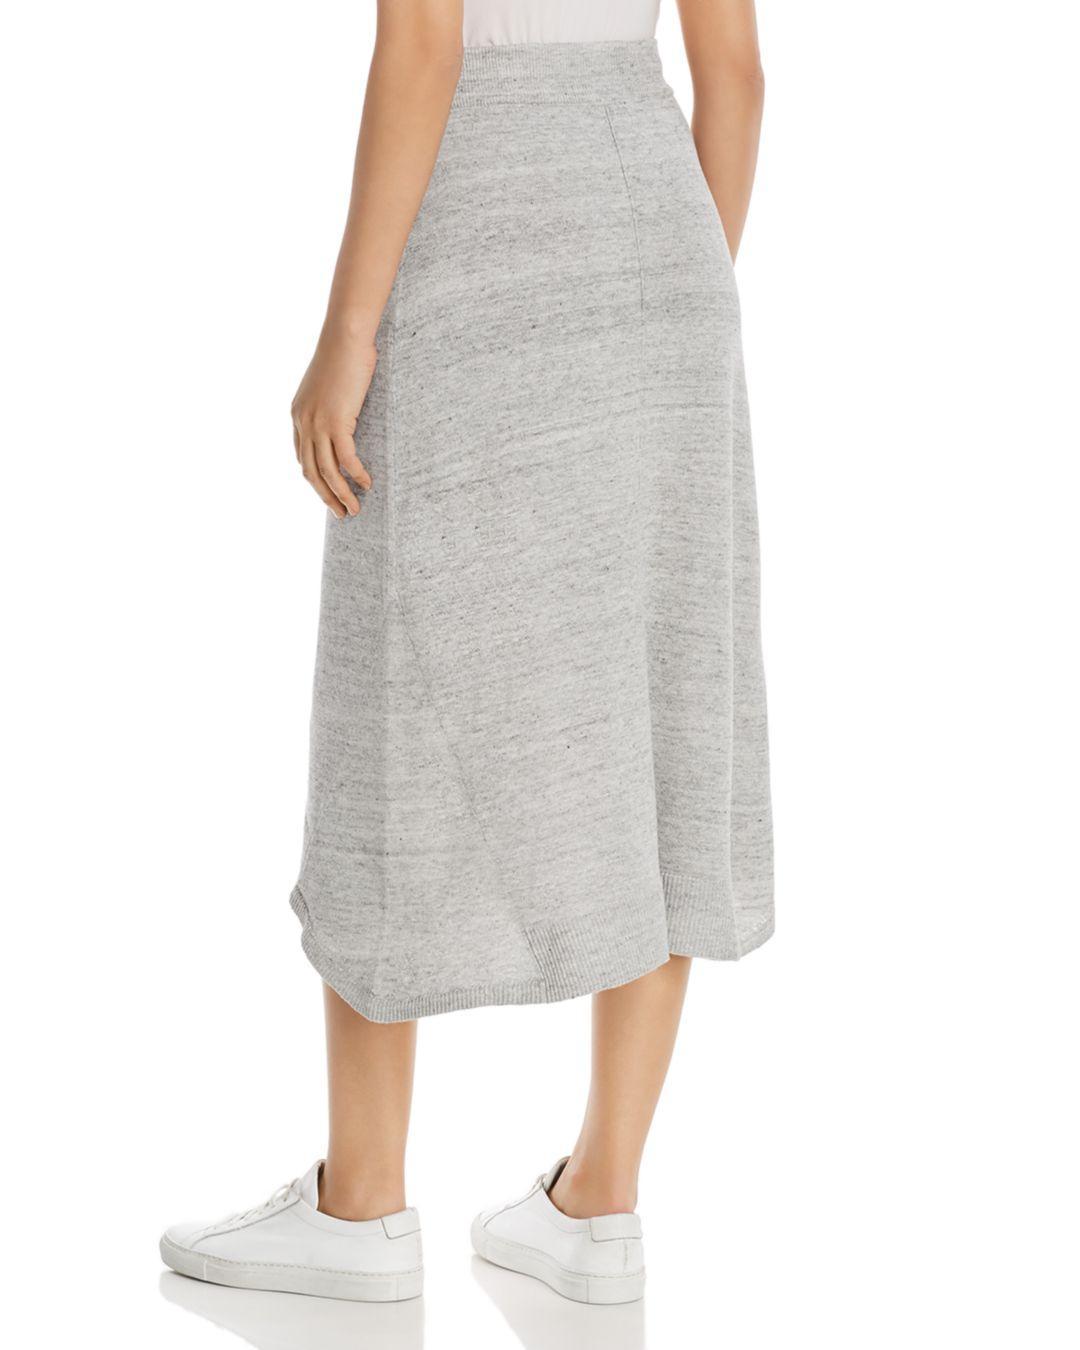 4ad6b142c82 Lyst - DKNY Donna Karan New York Trapeze Midi Skirt